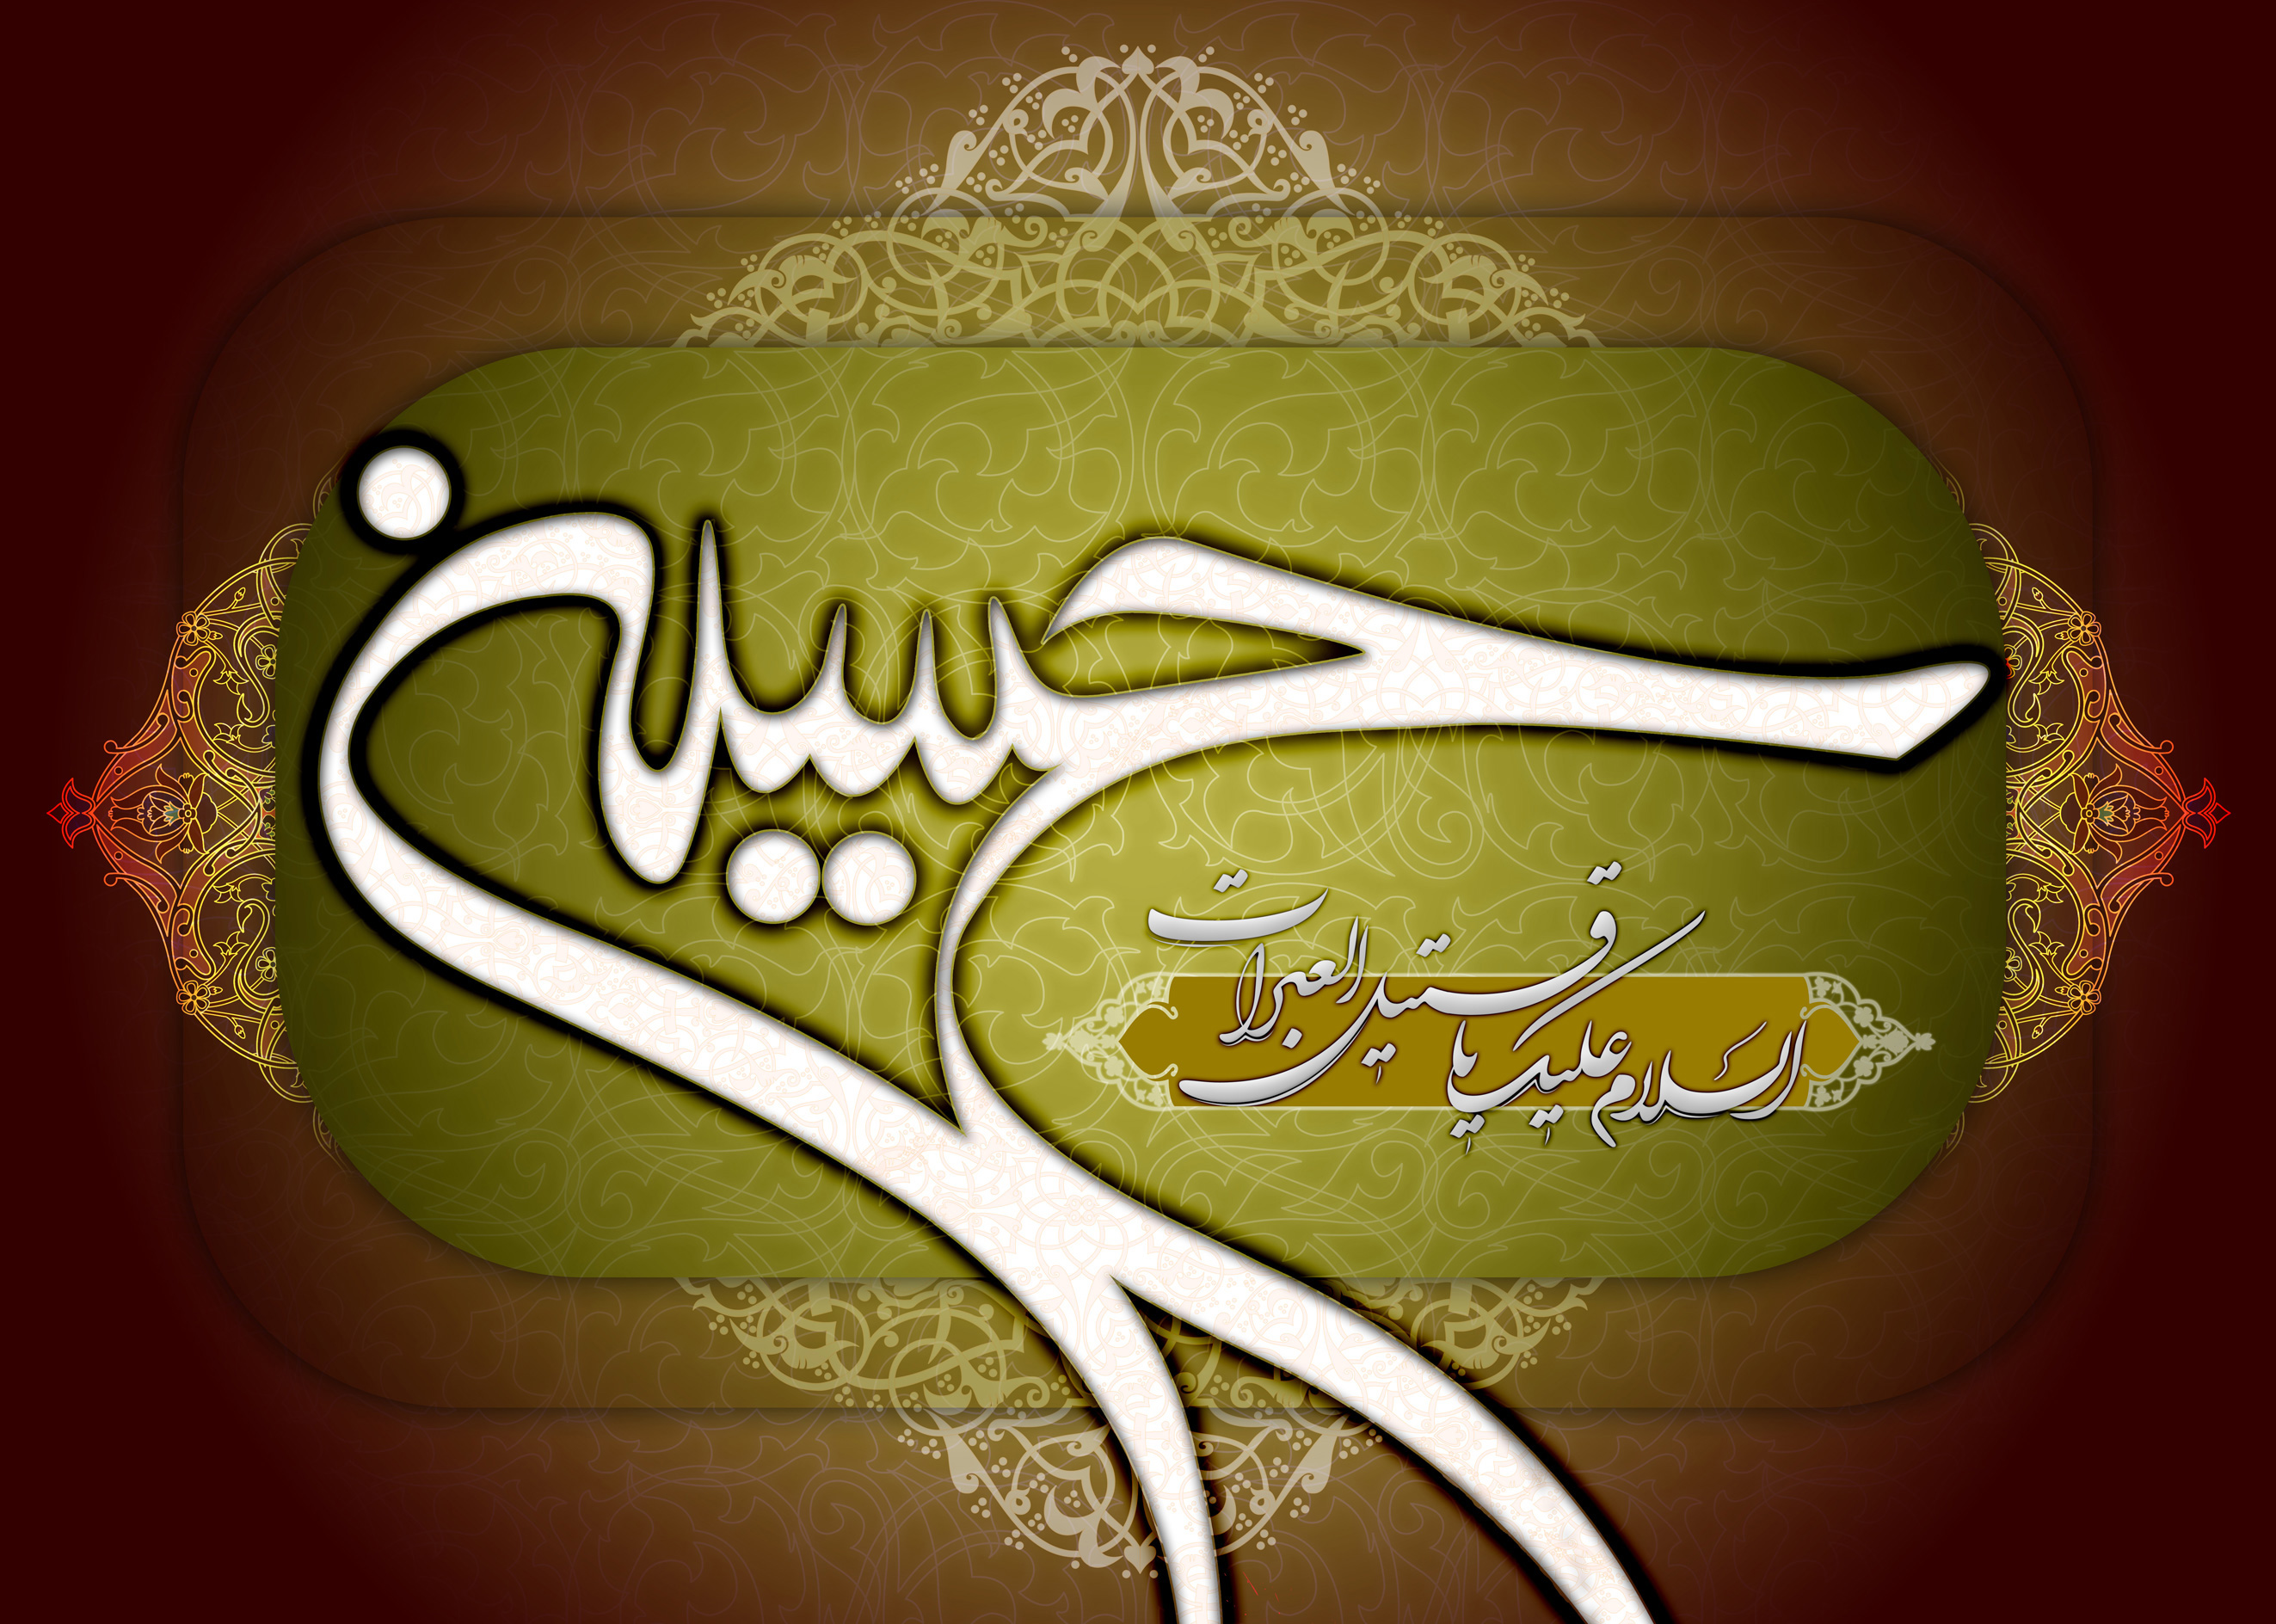 چرا امام حسین(ع) برخی از افراد لشکر دشمن را به هلاکت نرساندند؟